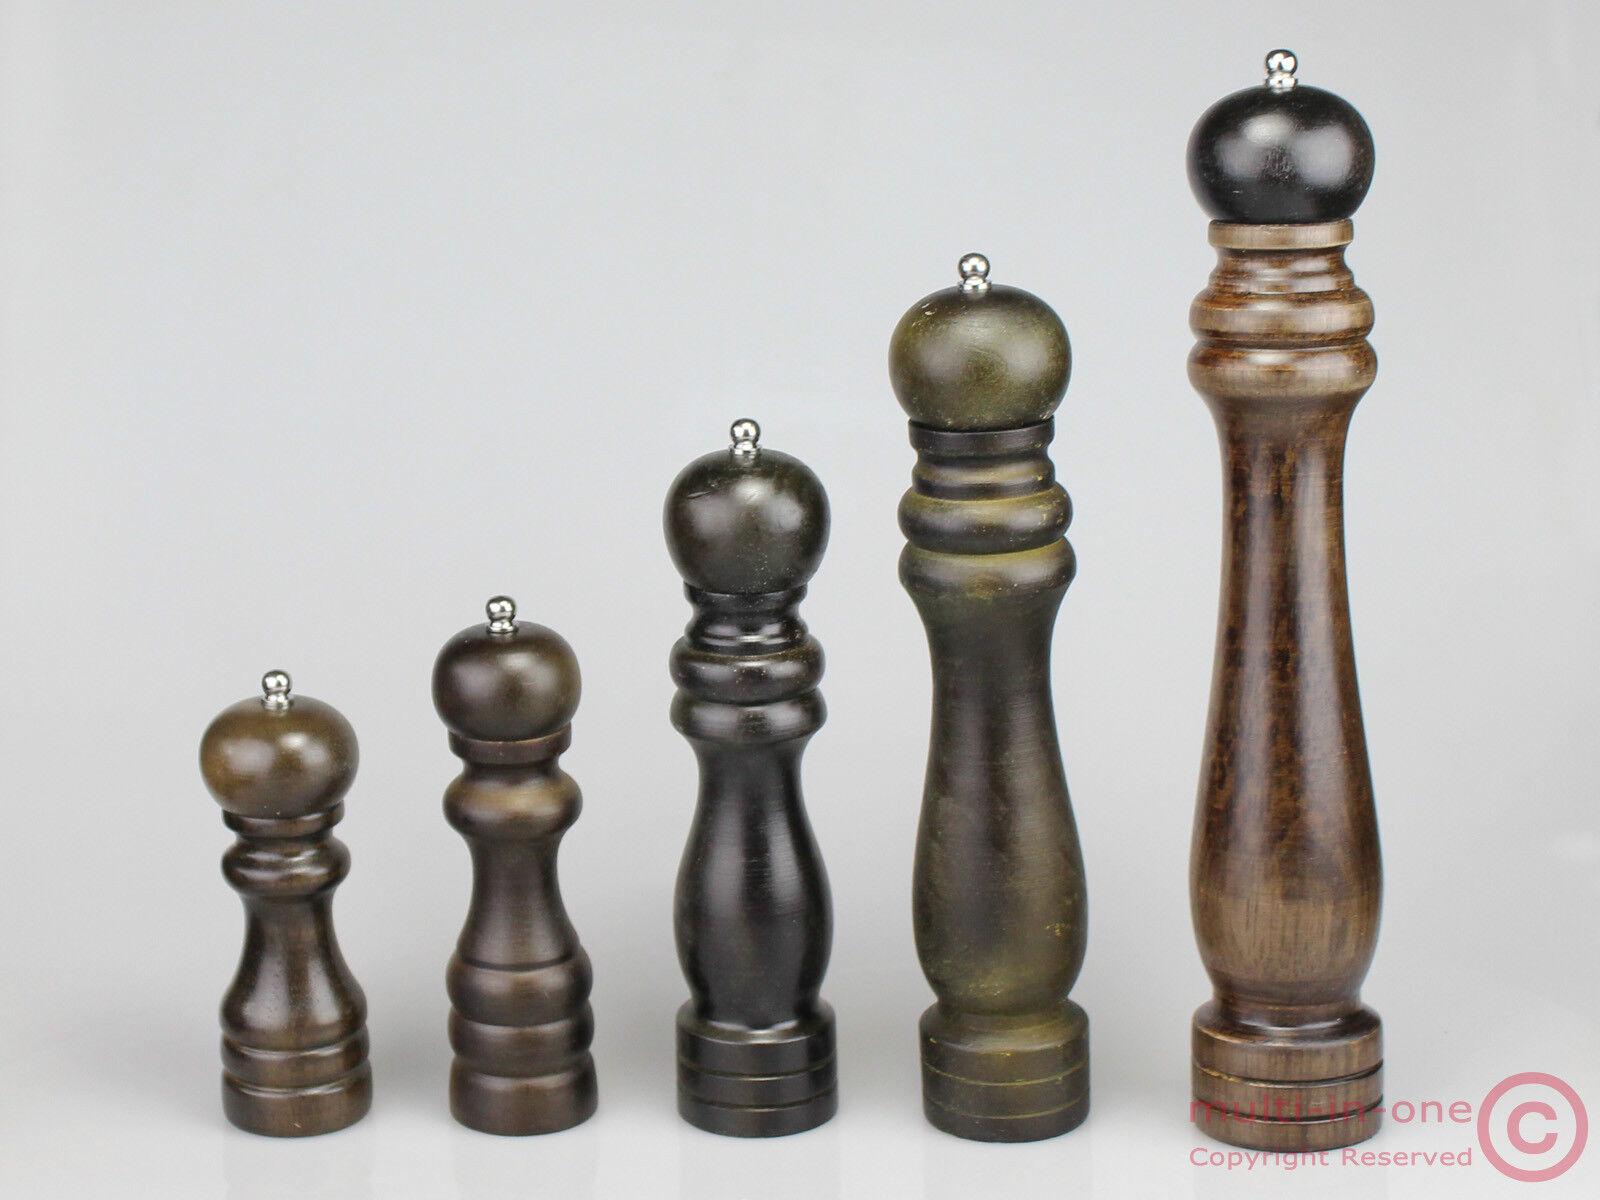 Wooden manual salt/&pepper grinder//mill,stainless steel grinder,adjusting coarse